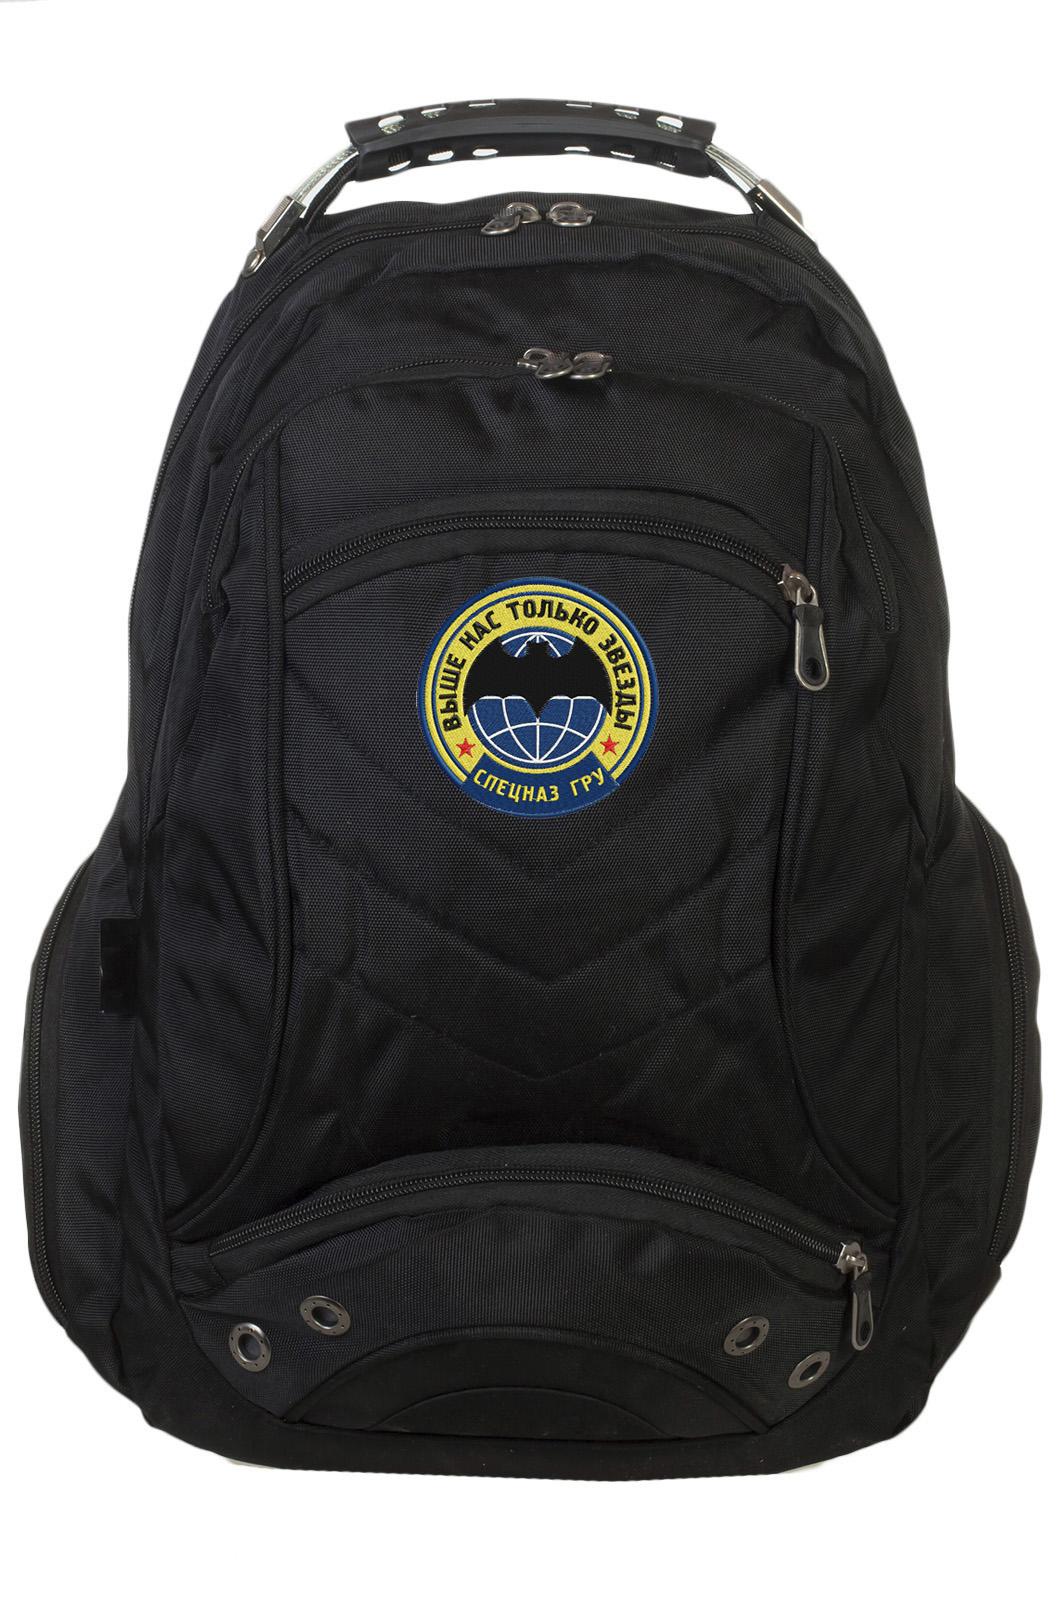 Оригинальный городской рюкзак с нашивкой Спецназ ГРУ